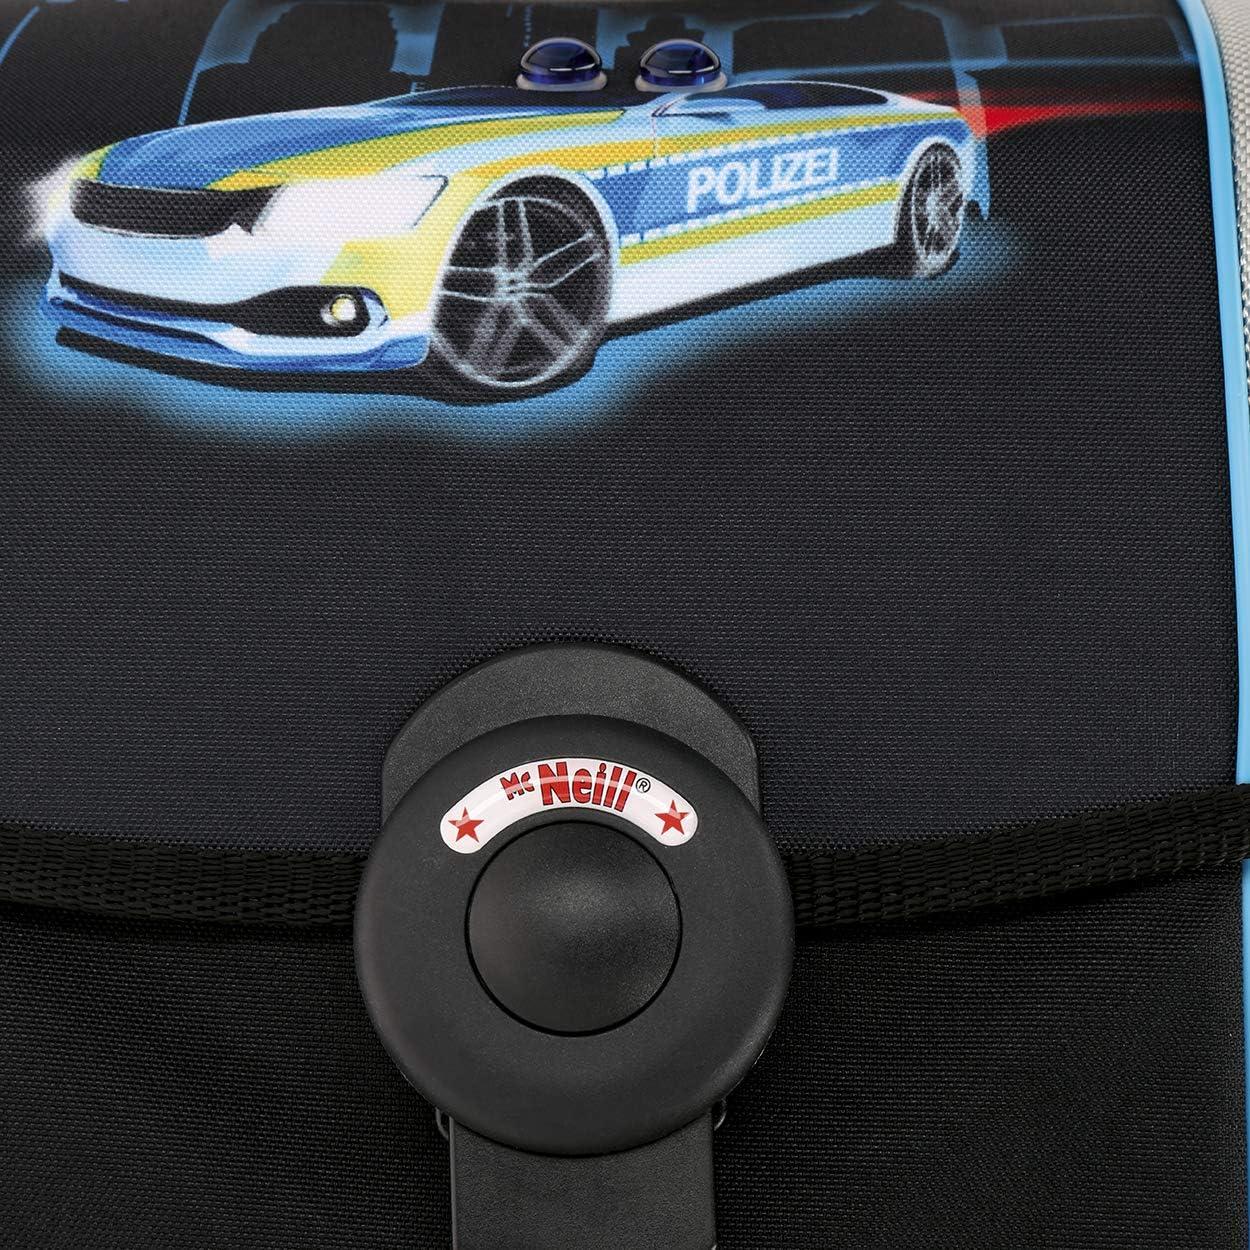 Polizei Police McNeill Ergo Primero Schulranzen-Set 5 TLG - Scooter GRATIS!